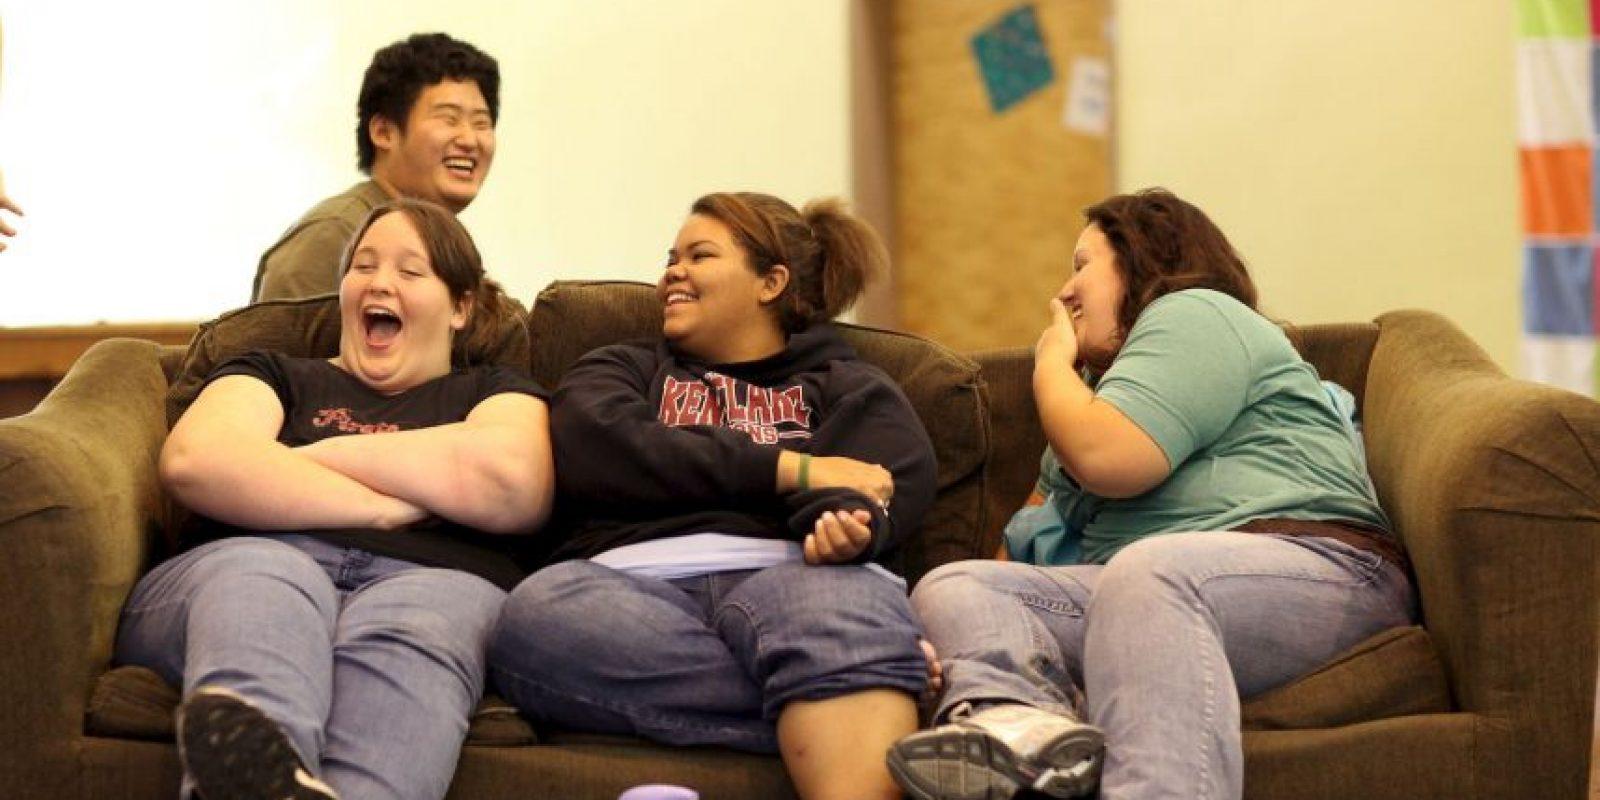 6. Venas varicosas. Ya que el sobrepeso ejerce mayor presión en las venas, esto sin duda origina las várices. Foto:Getty Images